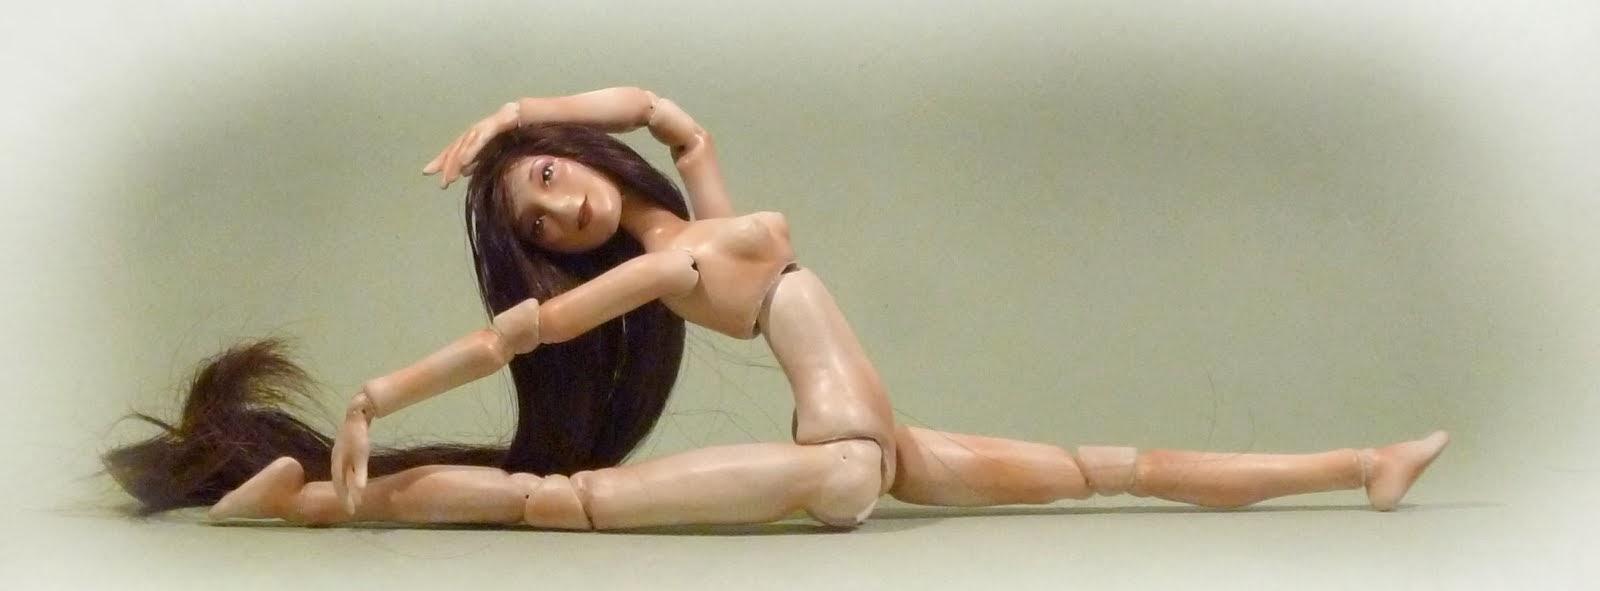 Muñeca con cadera de bailarina, en blanco